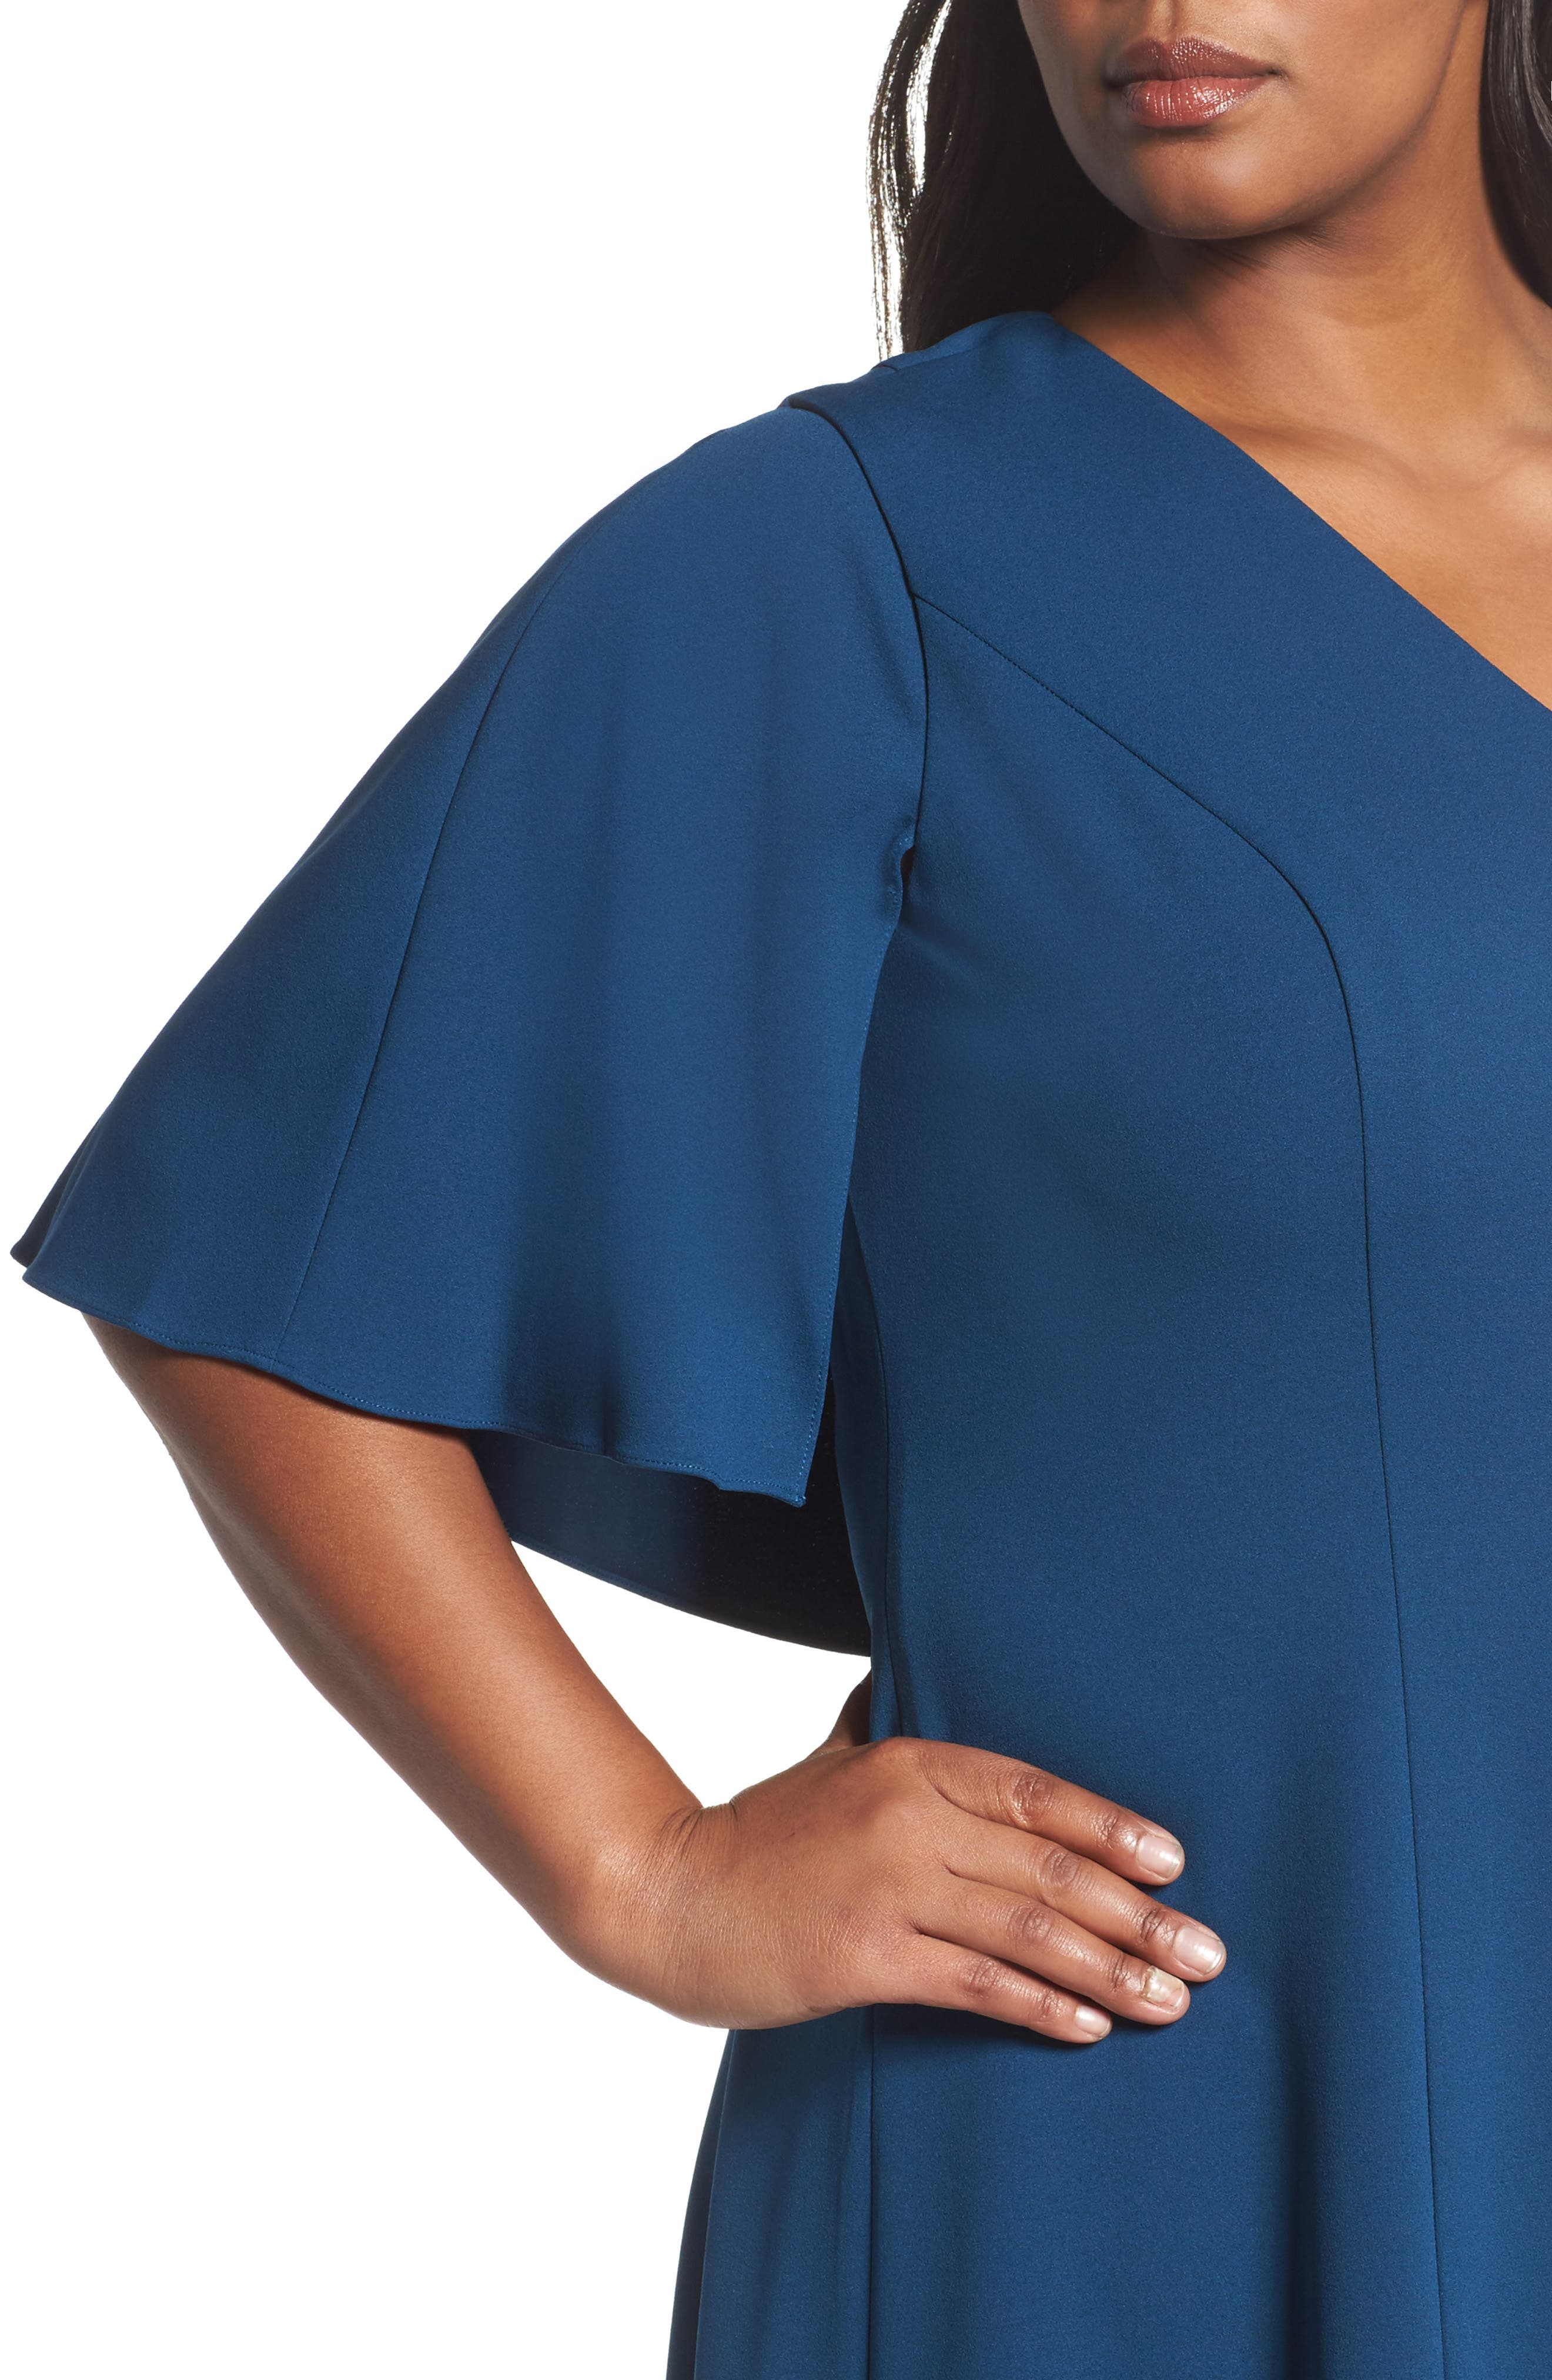 Capelet A-Line Dress,                             Alternate thumbnail 4, color,                             471